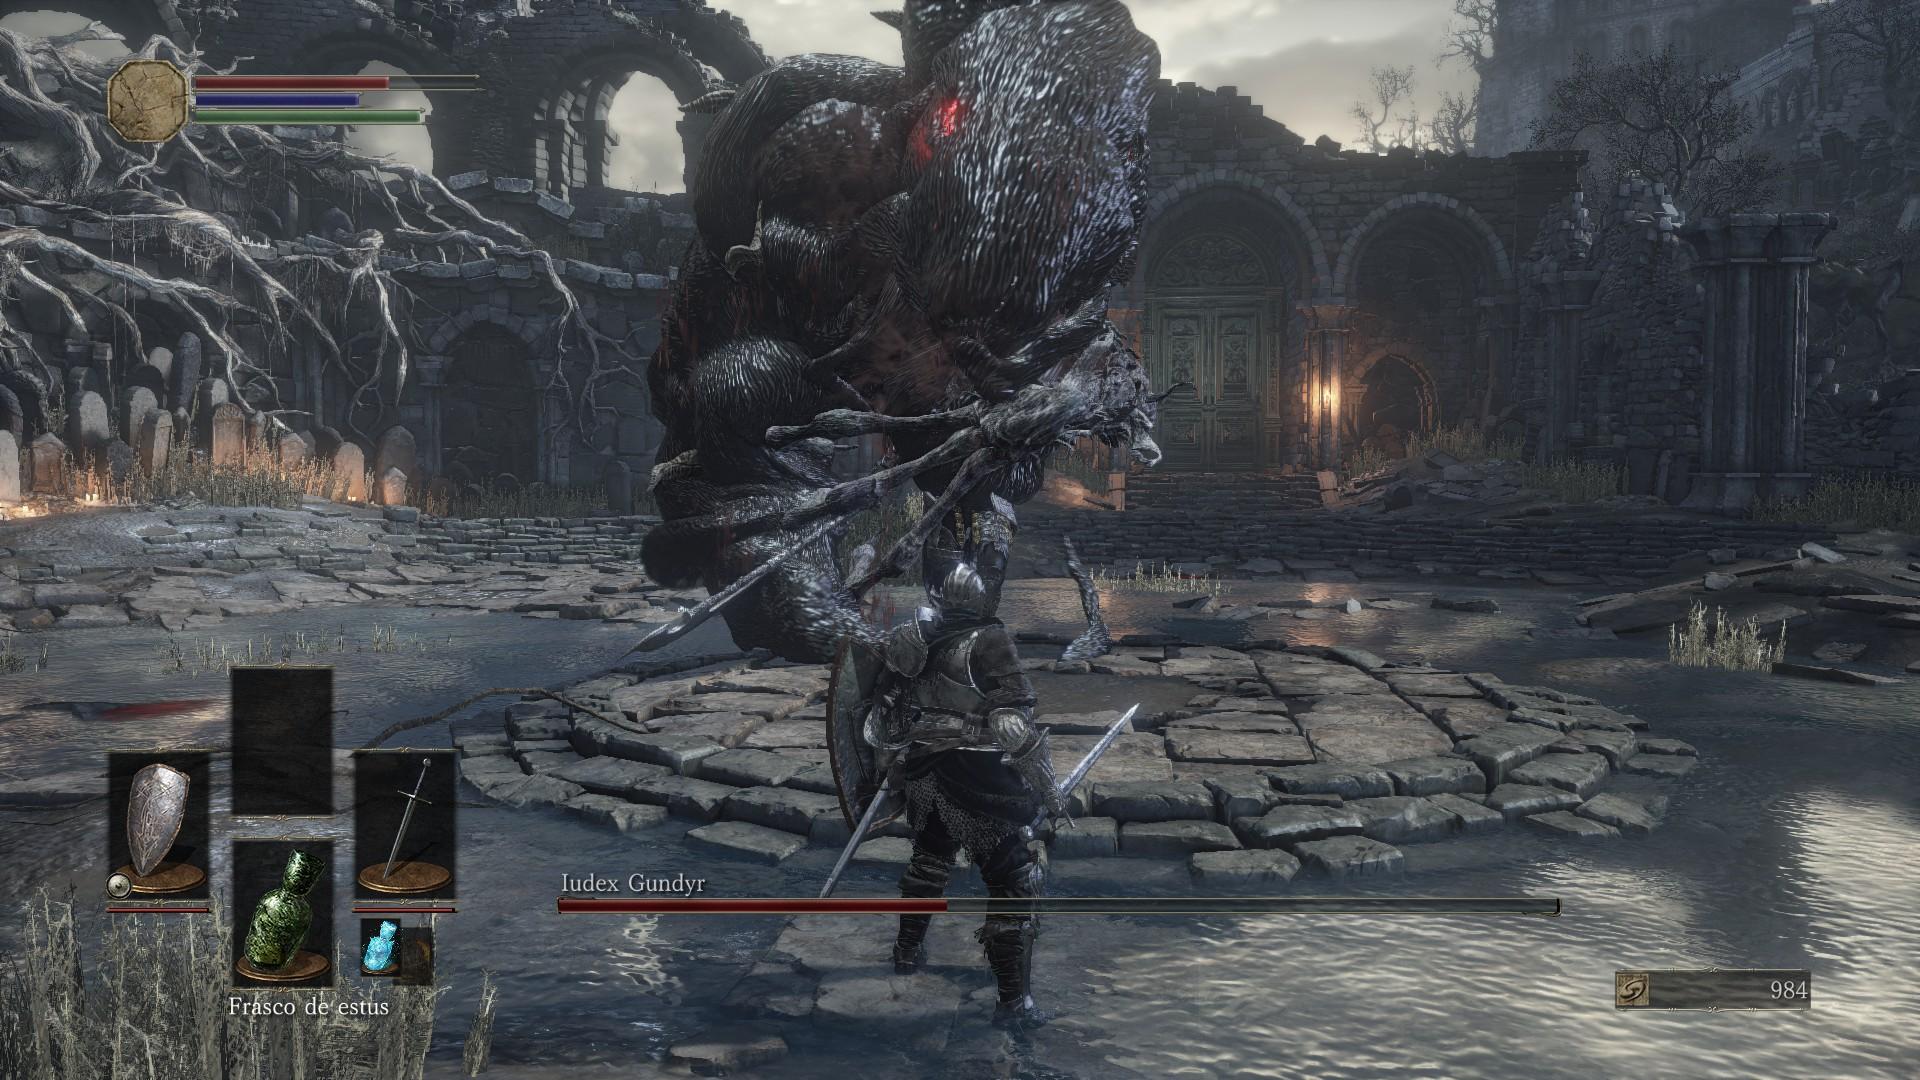 Cuando crees que el juego es difícil, Dark Souls 3 consigue darte una lección de humildad aumentando la dificultad.